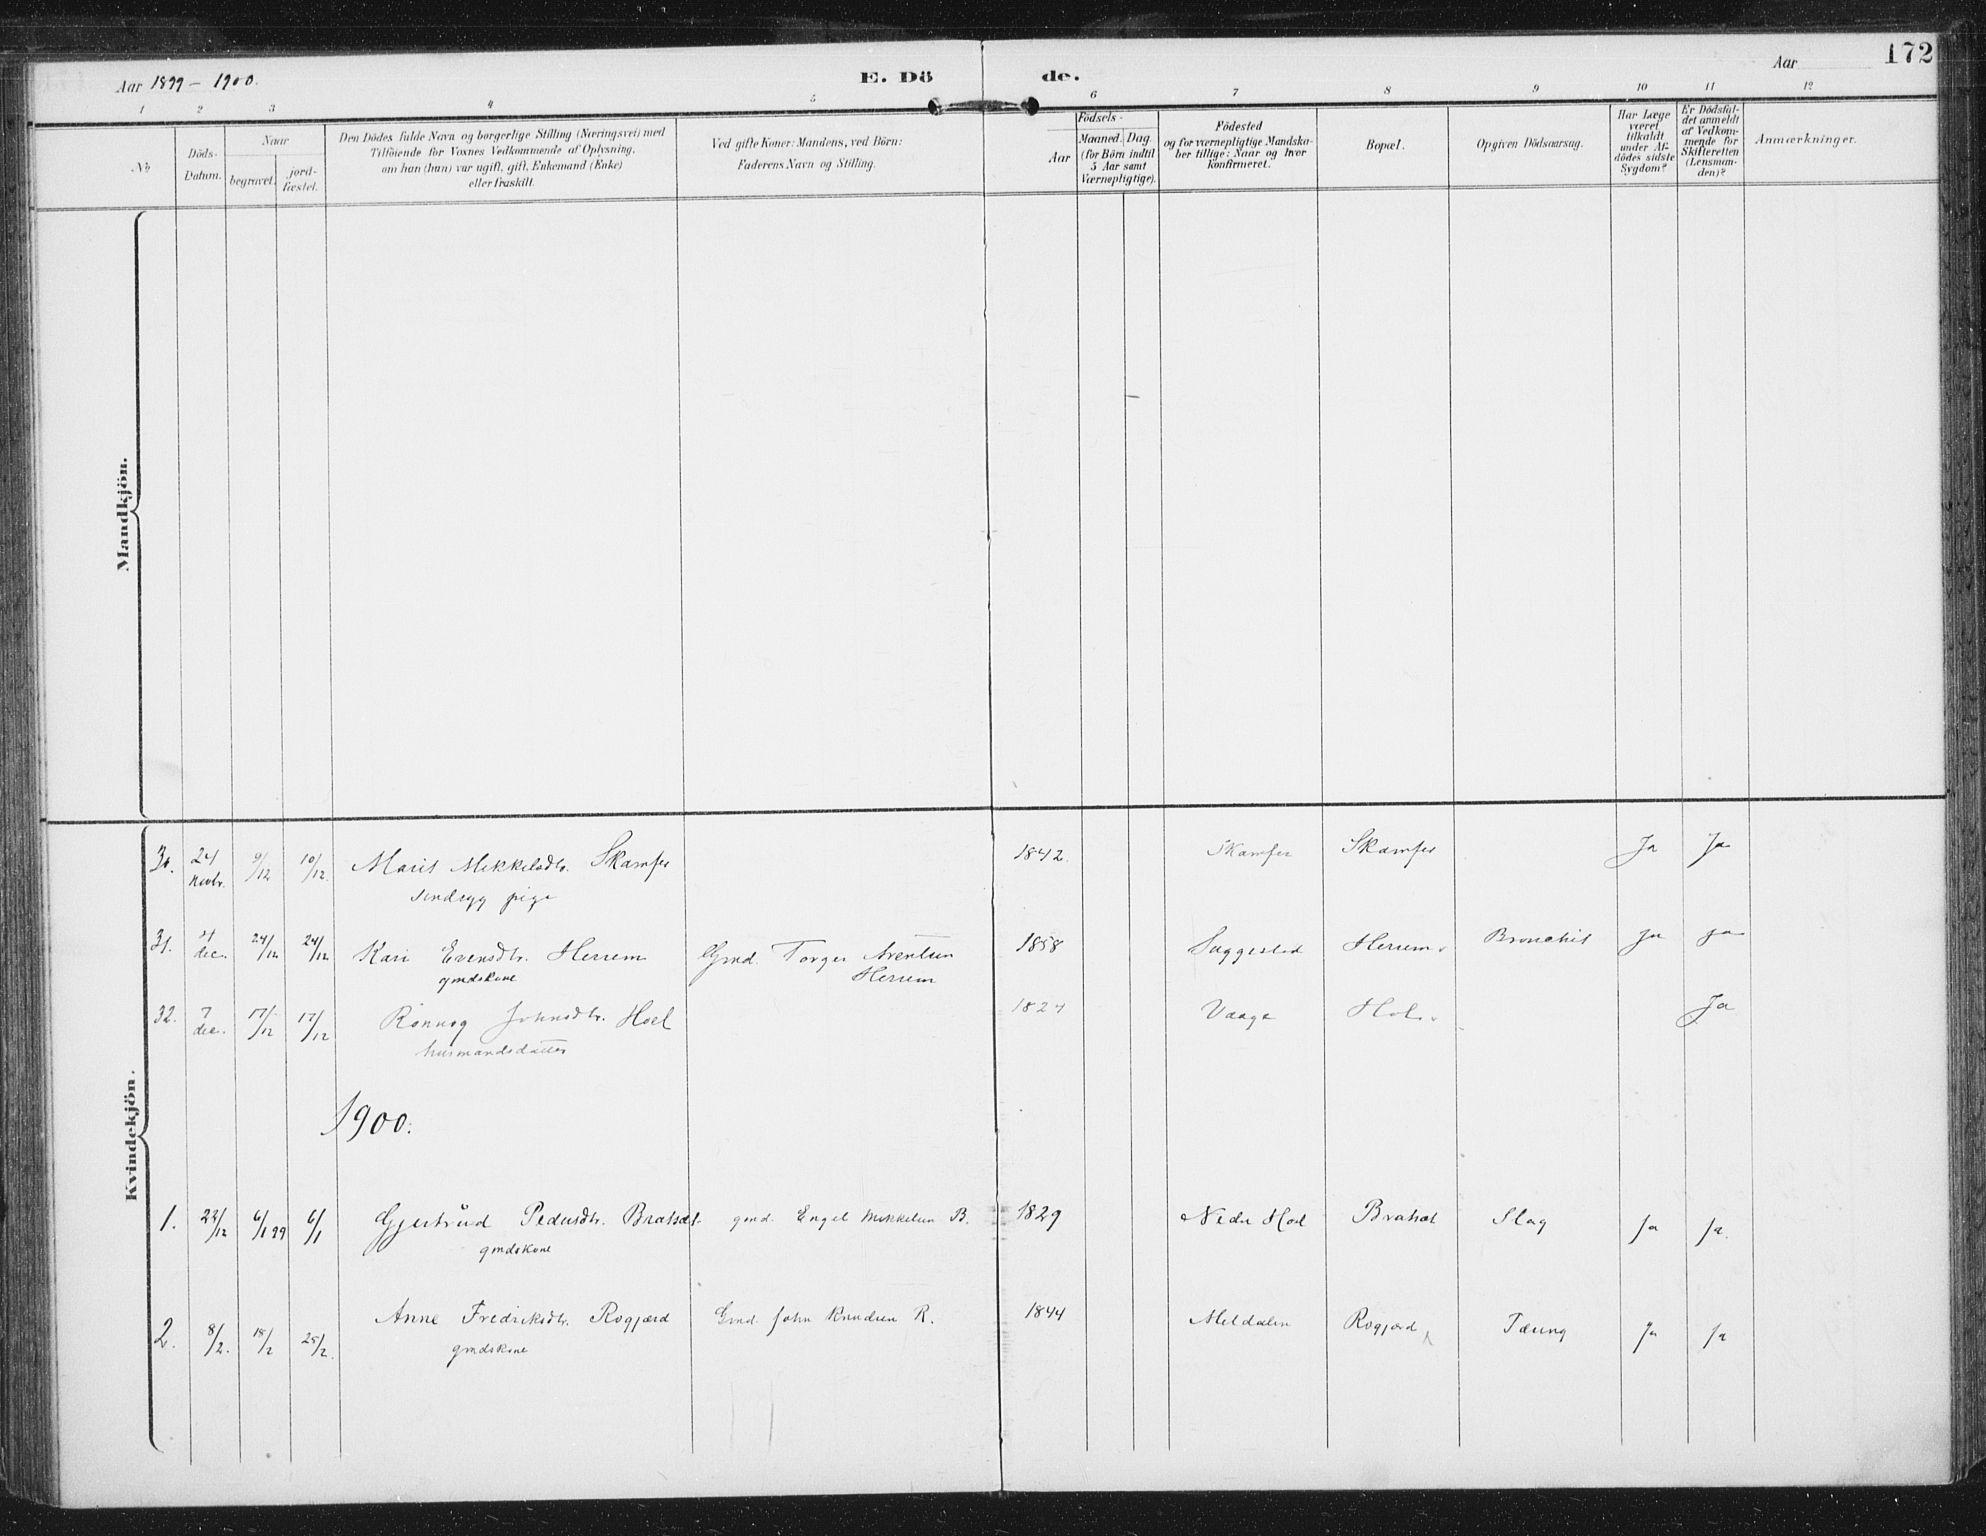 SAT, Ministerialprotokoller, klokkerbøker og fødselsregistre - Sør-Trøndelag, 674/L0872: Ministerialbok nr. 674A04, 1897-1907, s. 172